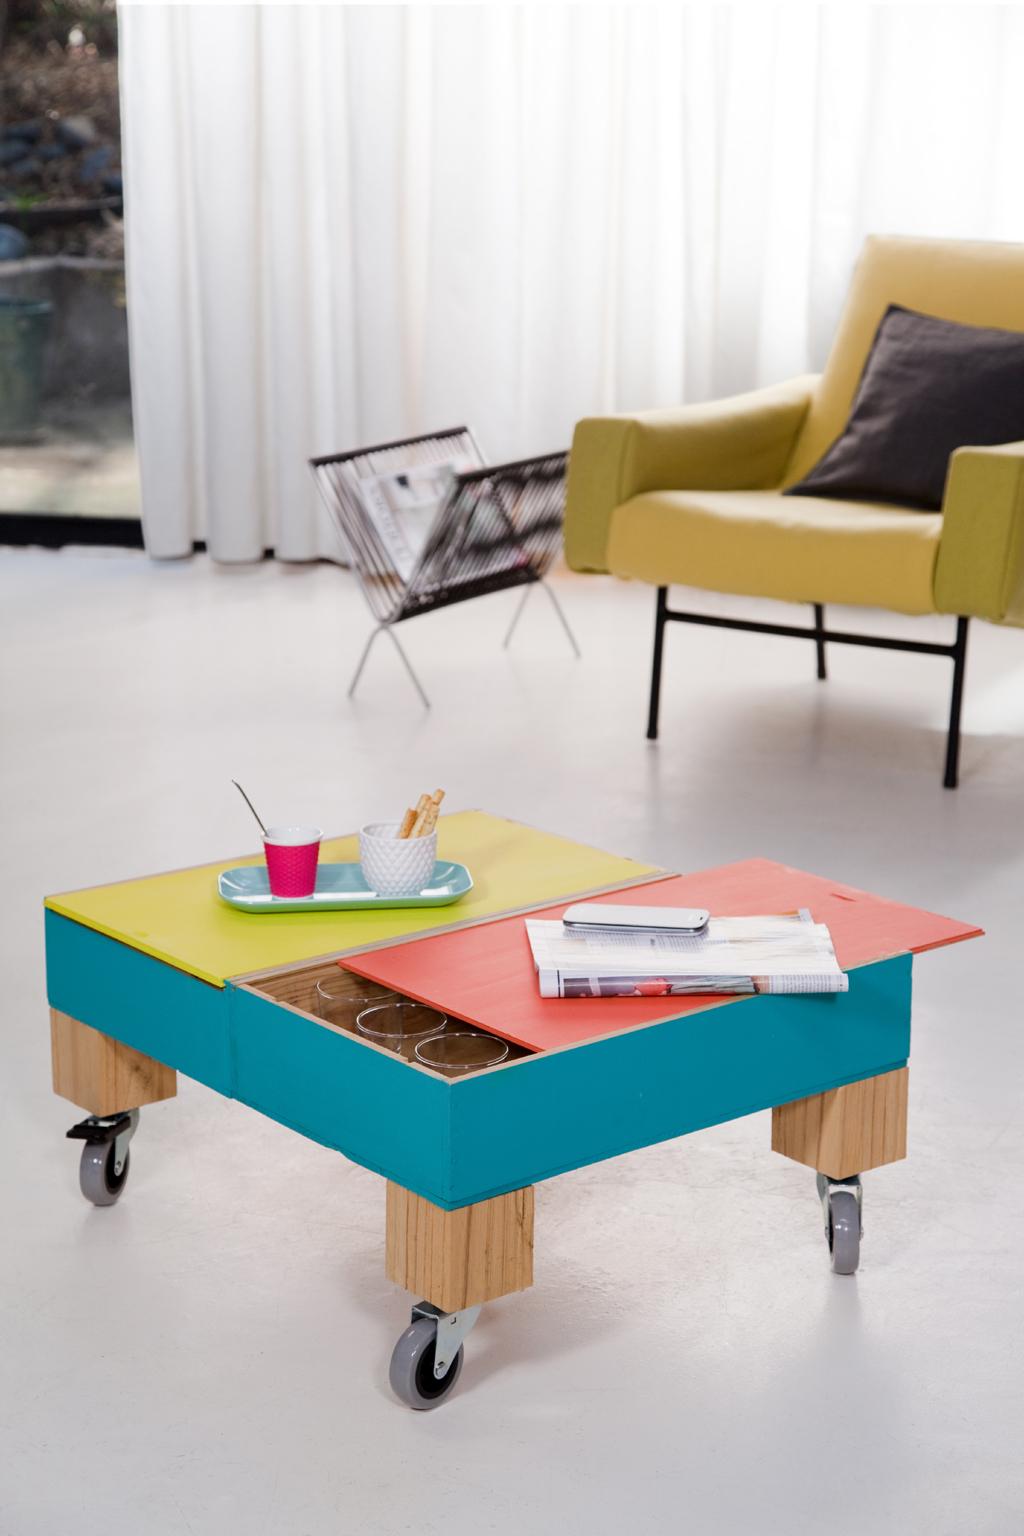 Créer une table basse à roulettes avec des caisses